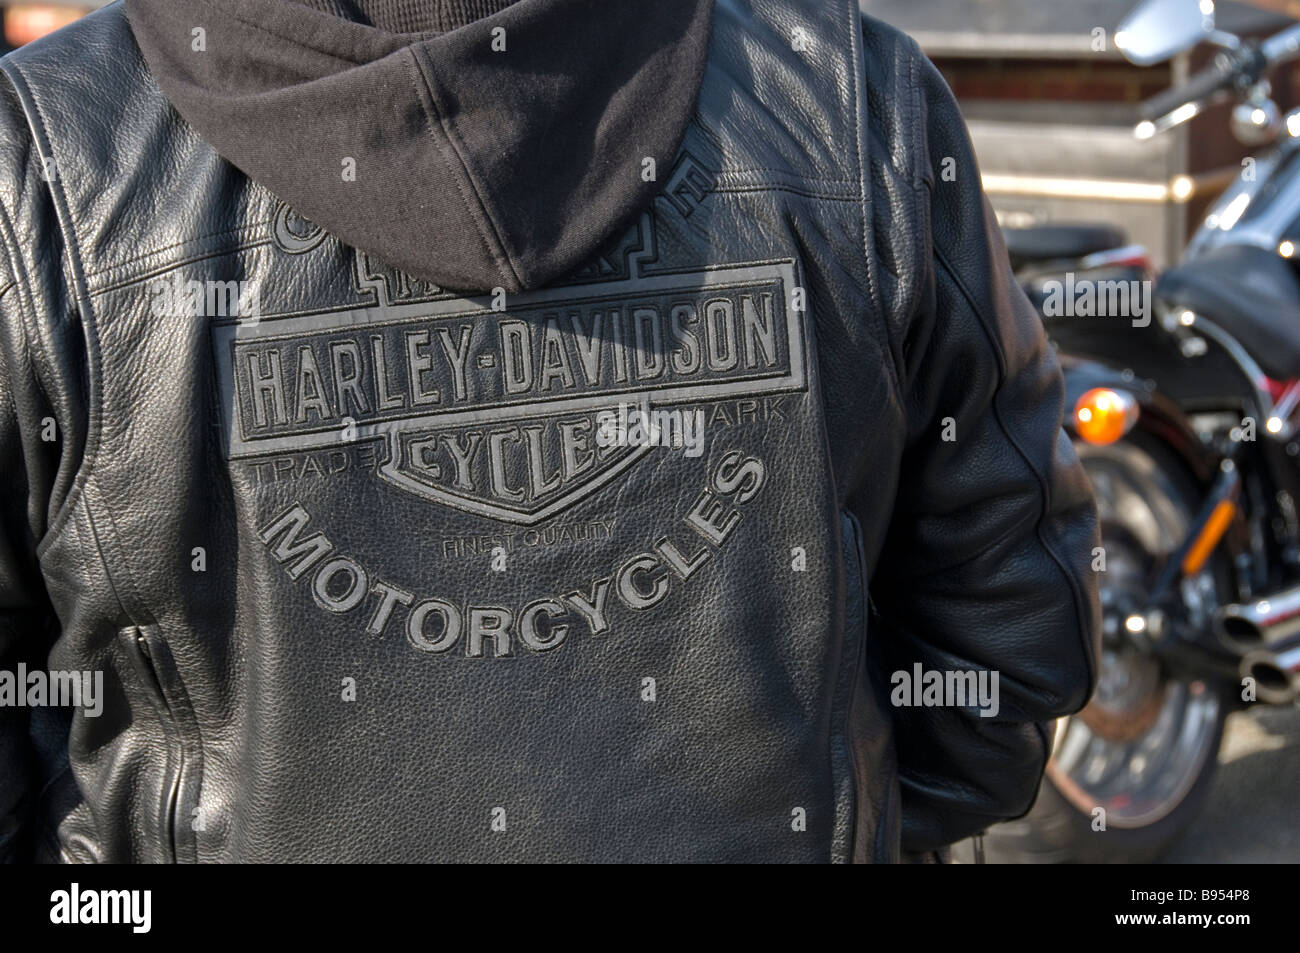 Schwarze StockfotosHarley Harley Davidson Harley StockfotosHarley Harley Davidson Schwarze Lederjacke Lederjacke uOPkZXi